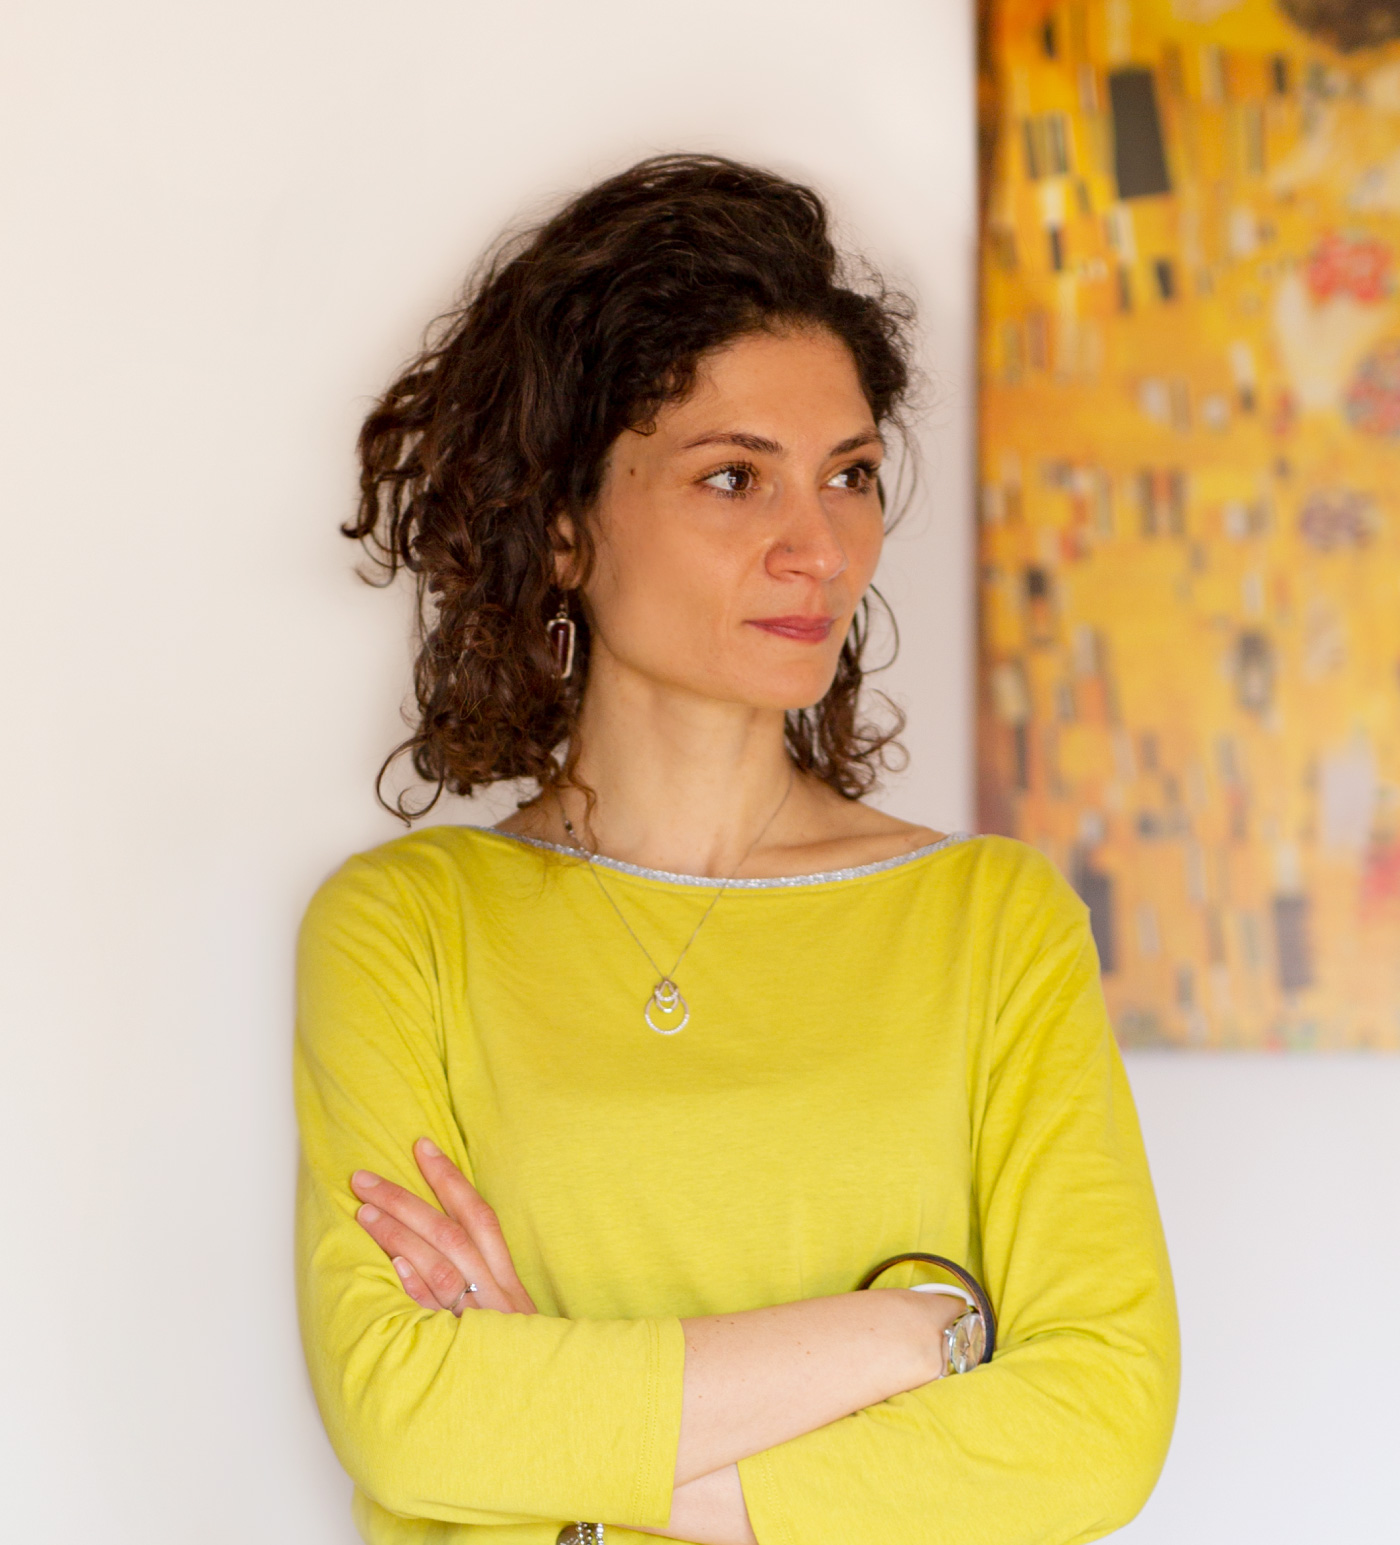 Dott.ssa Sara Del Gaudio